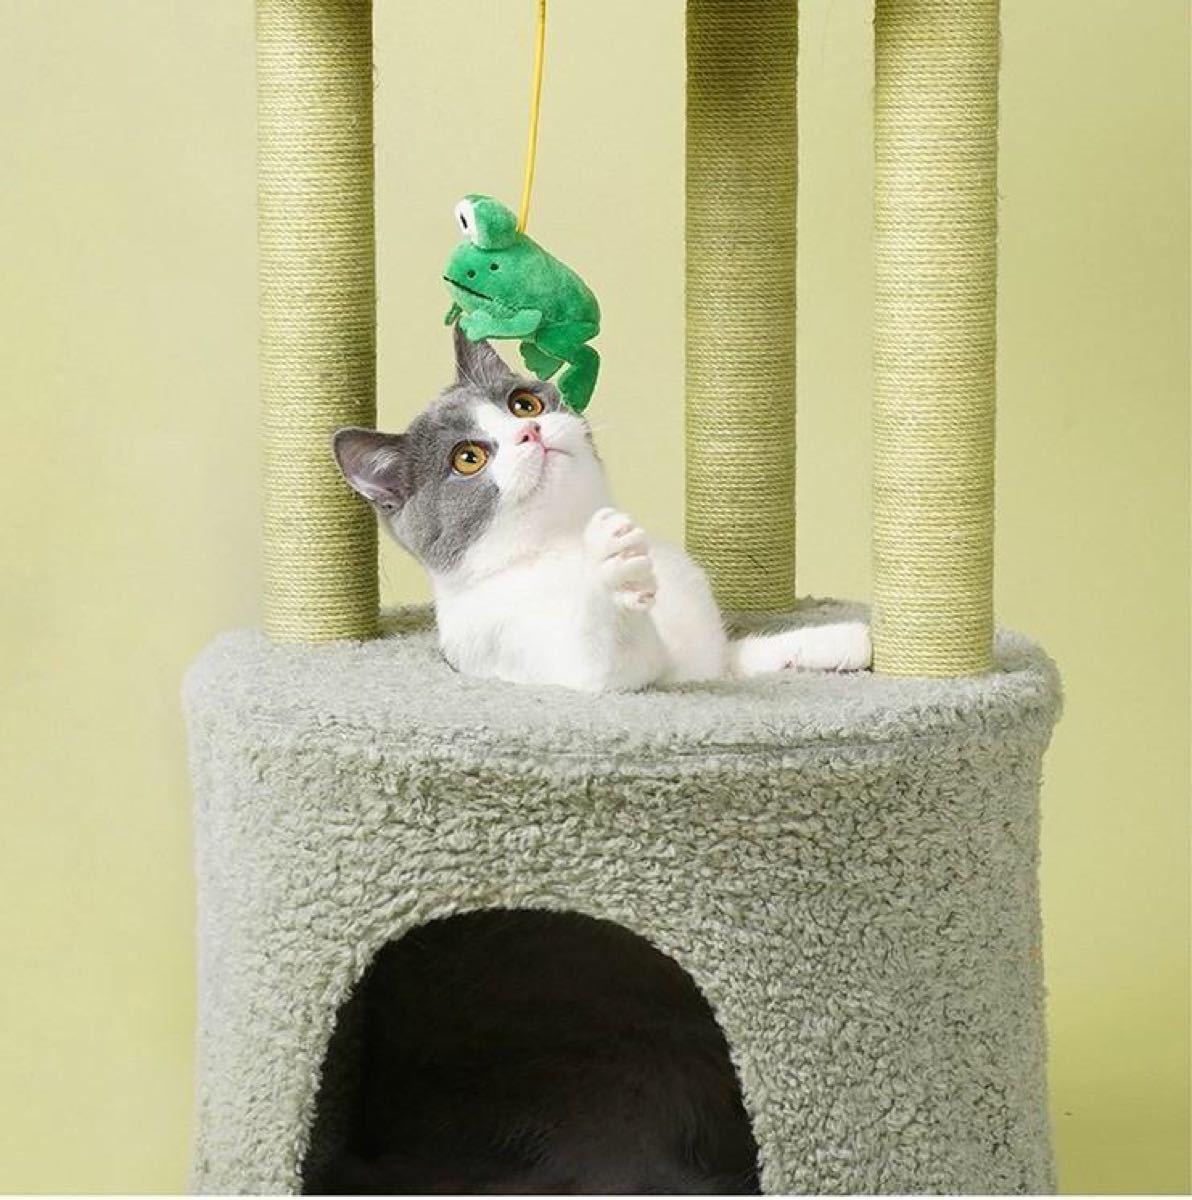 猫用品 可愛い キャットタワー 猫ちゃんのおしゃれなハウス 大幅値引き中 爪とぎ つっぱり棒 猫ハウス 省スペース